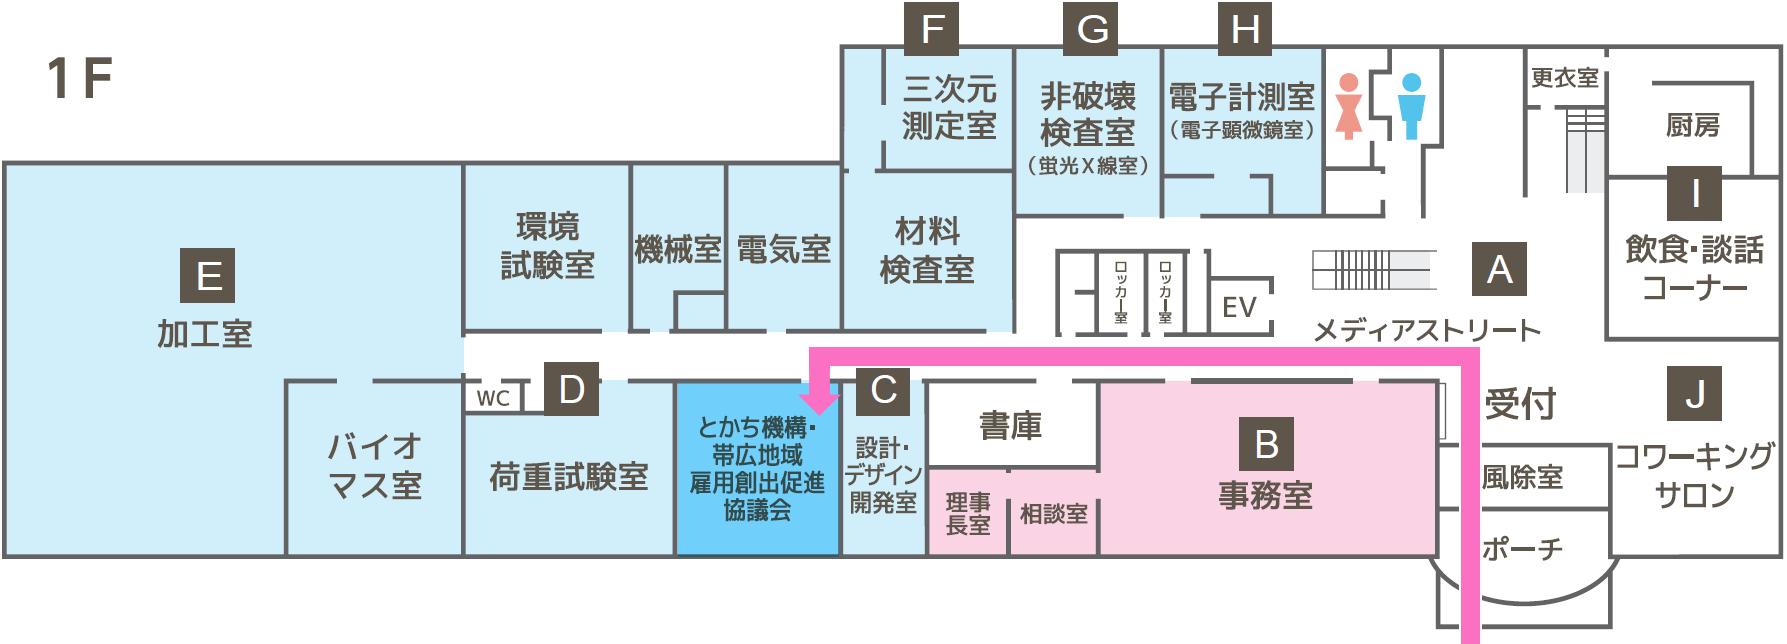 十勝産業振興センターフロアマップ画像